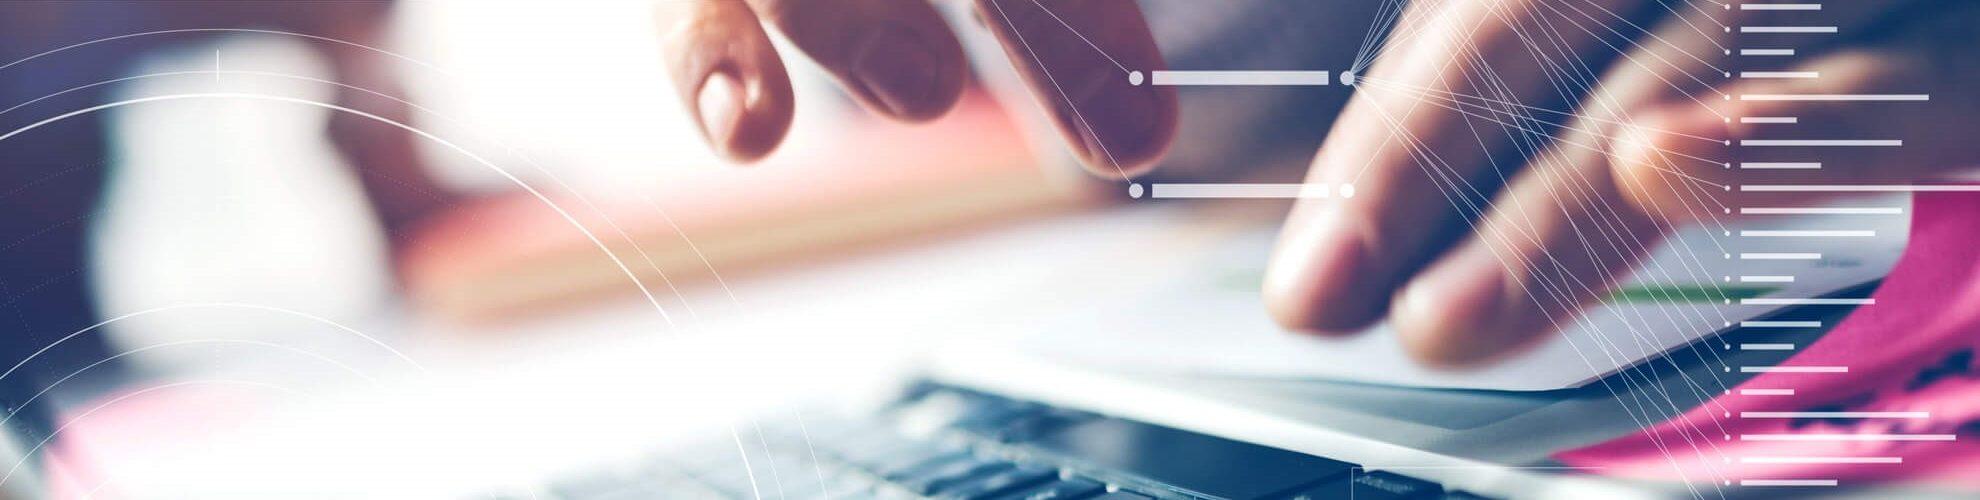 La conservazione digitale, tutti gli obblighi, le opportunità e gli strumenti.